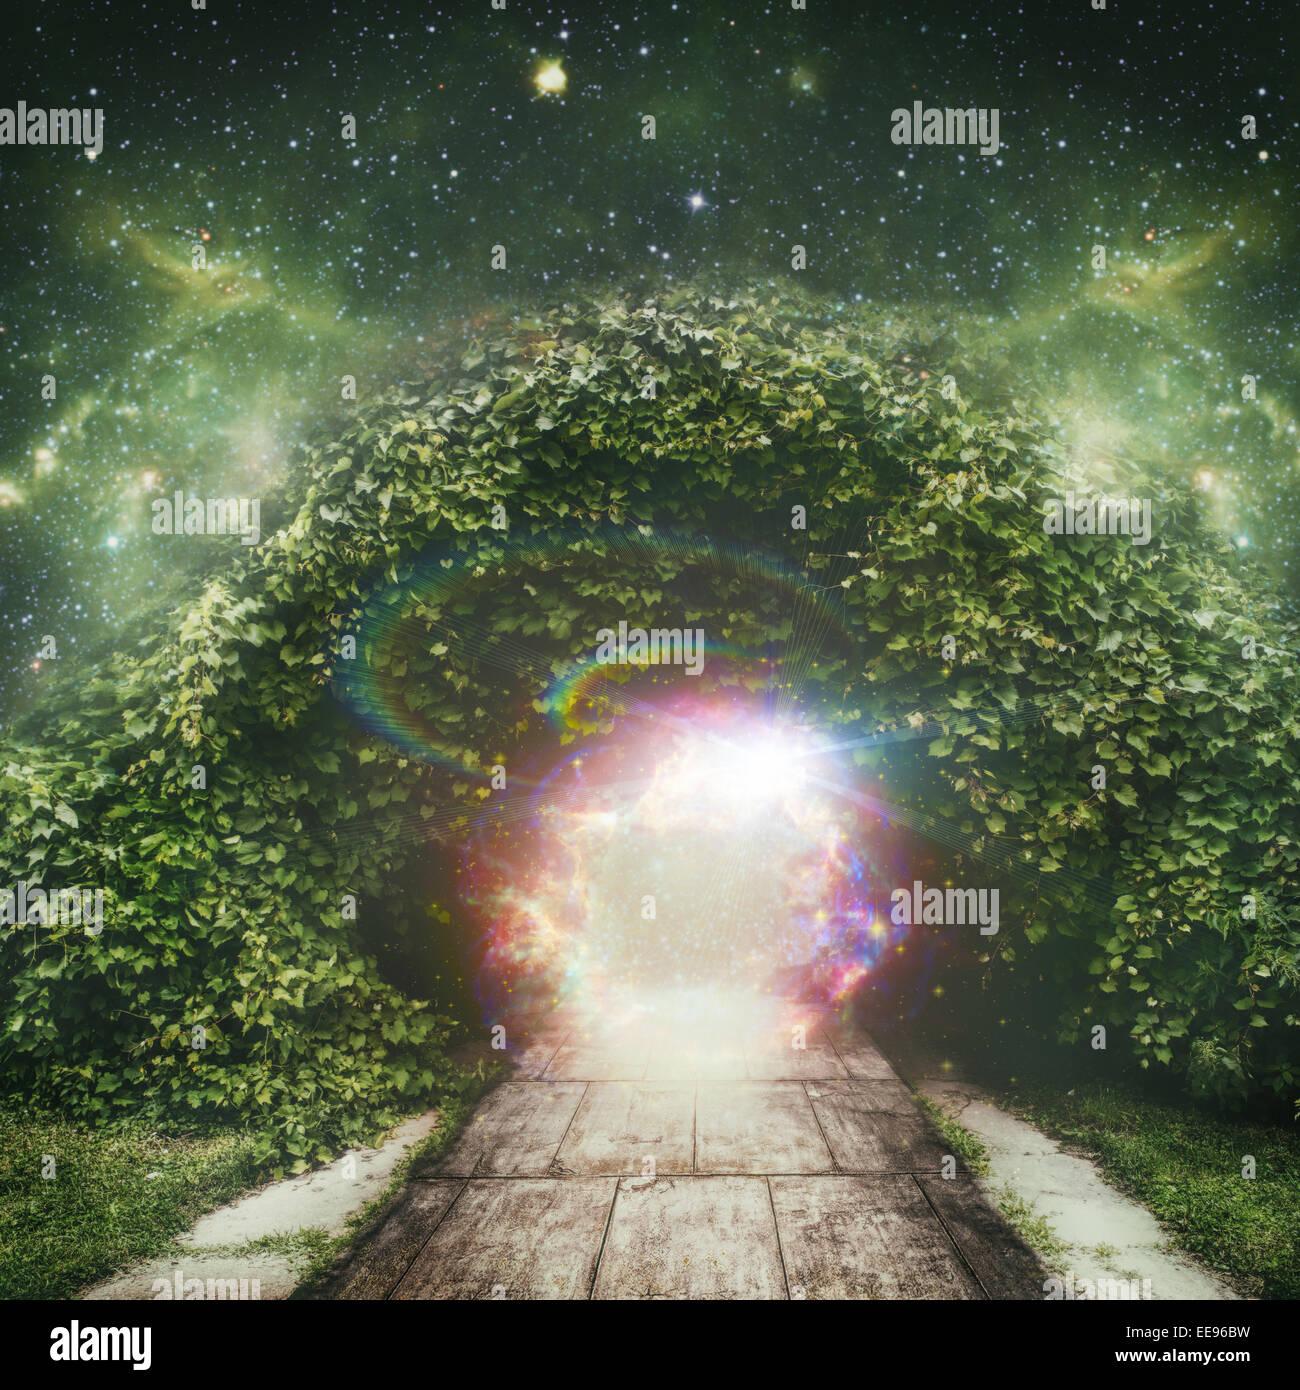 Portail à un autre univers, abstract backgrounds spirituelle Banque D'Images